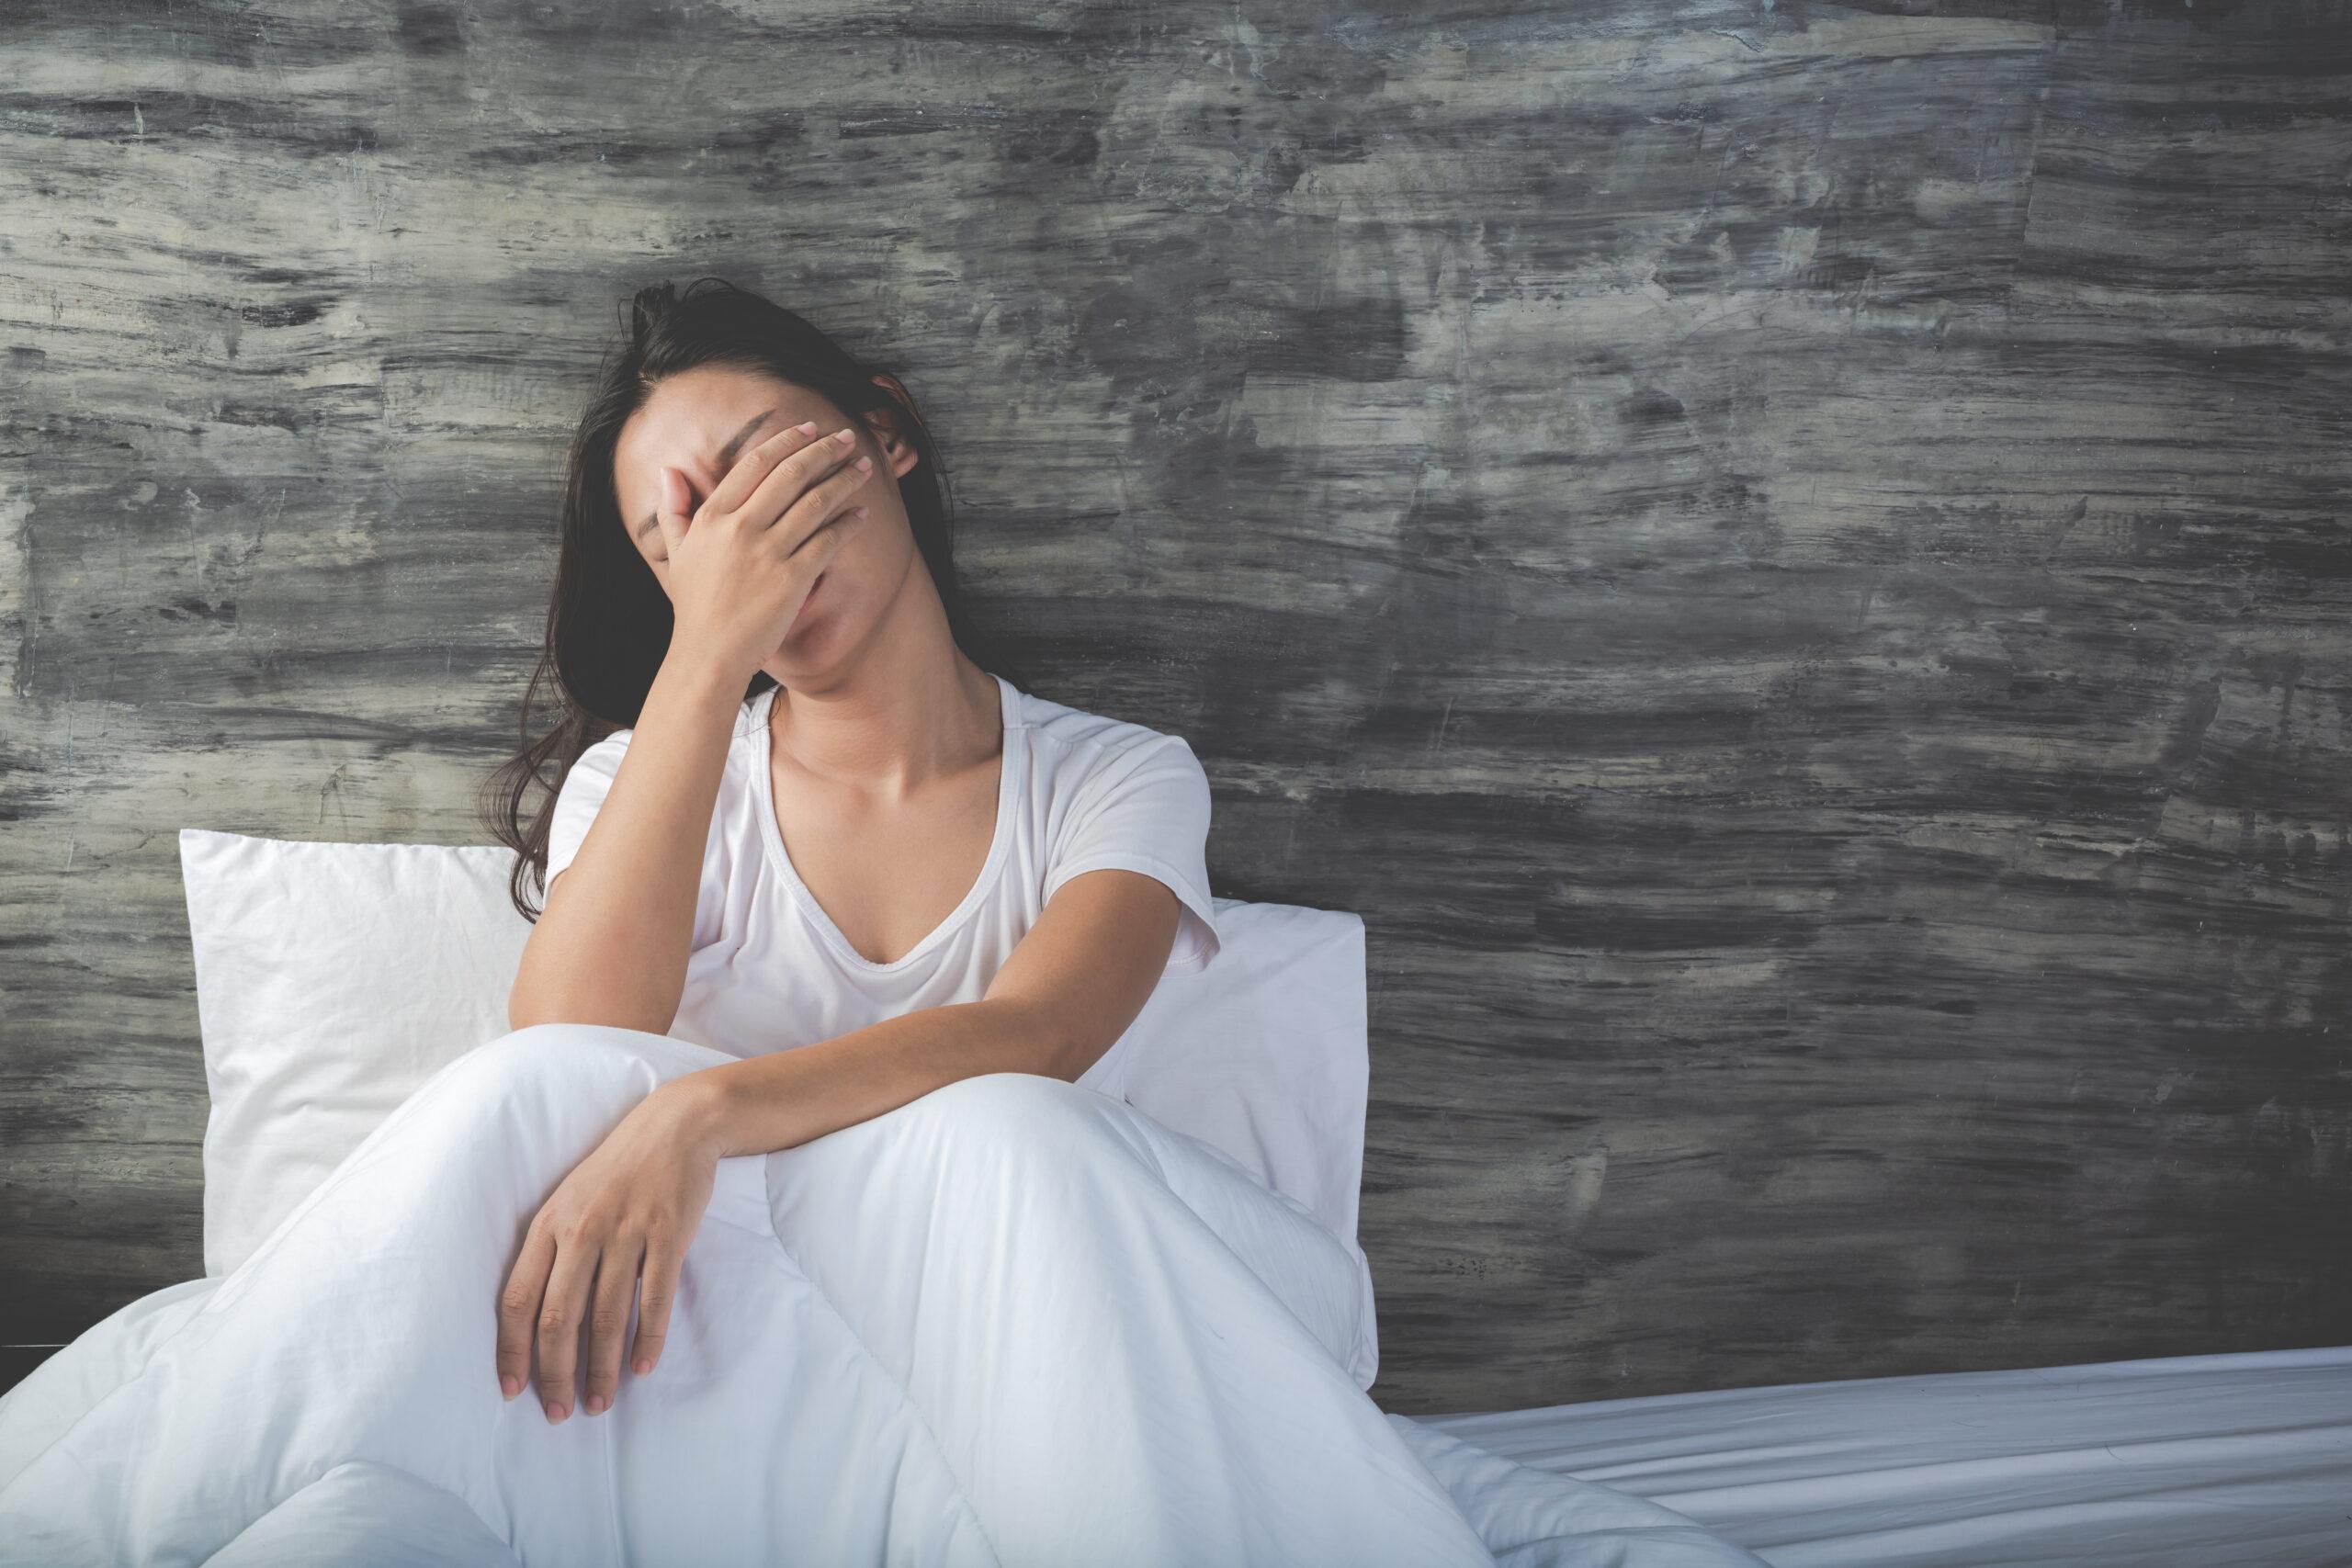 Центр здоров'я Solard - Жінка, скарга на швидку стомлюваність і постійну підвищену температуру тіла - 23